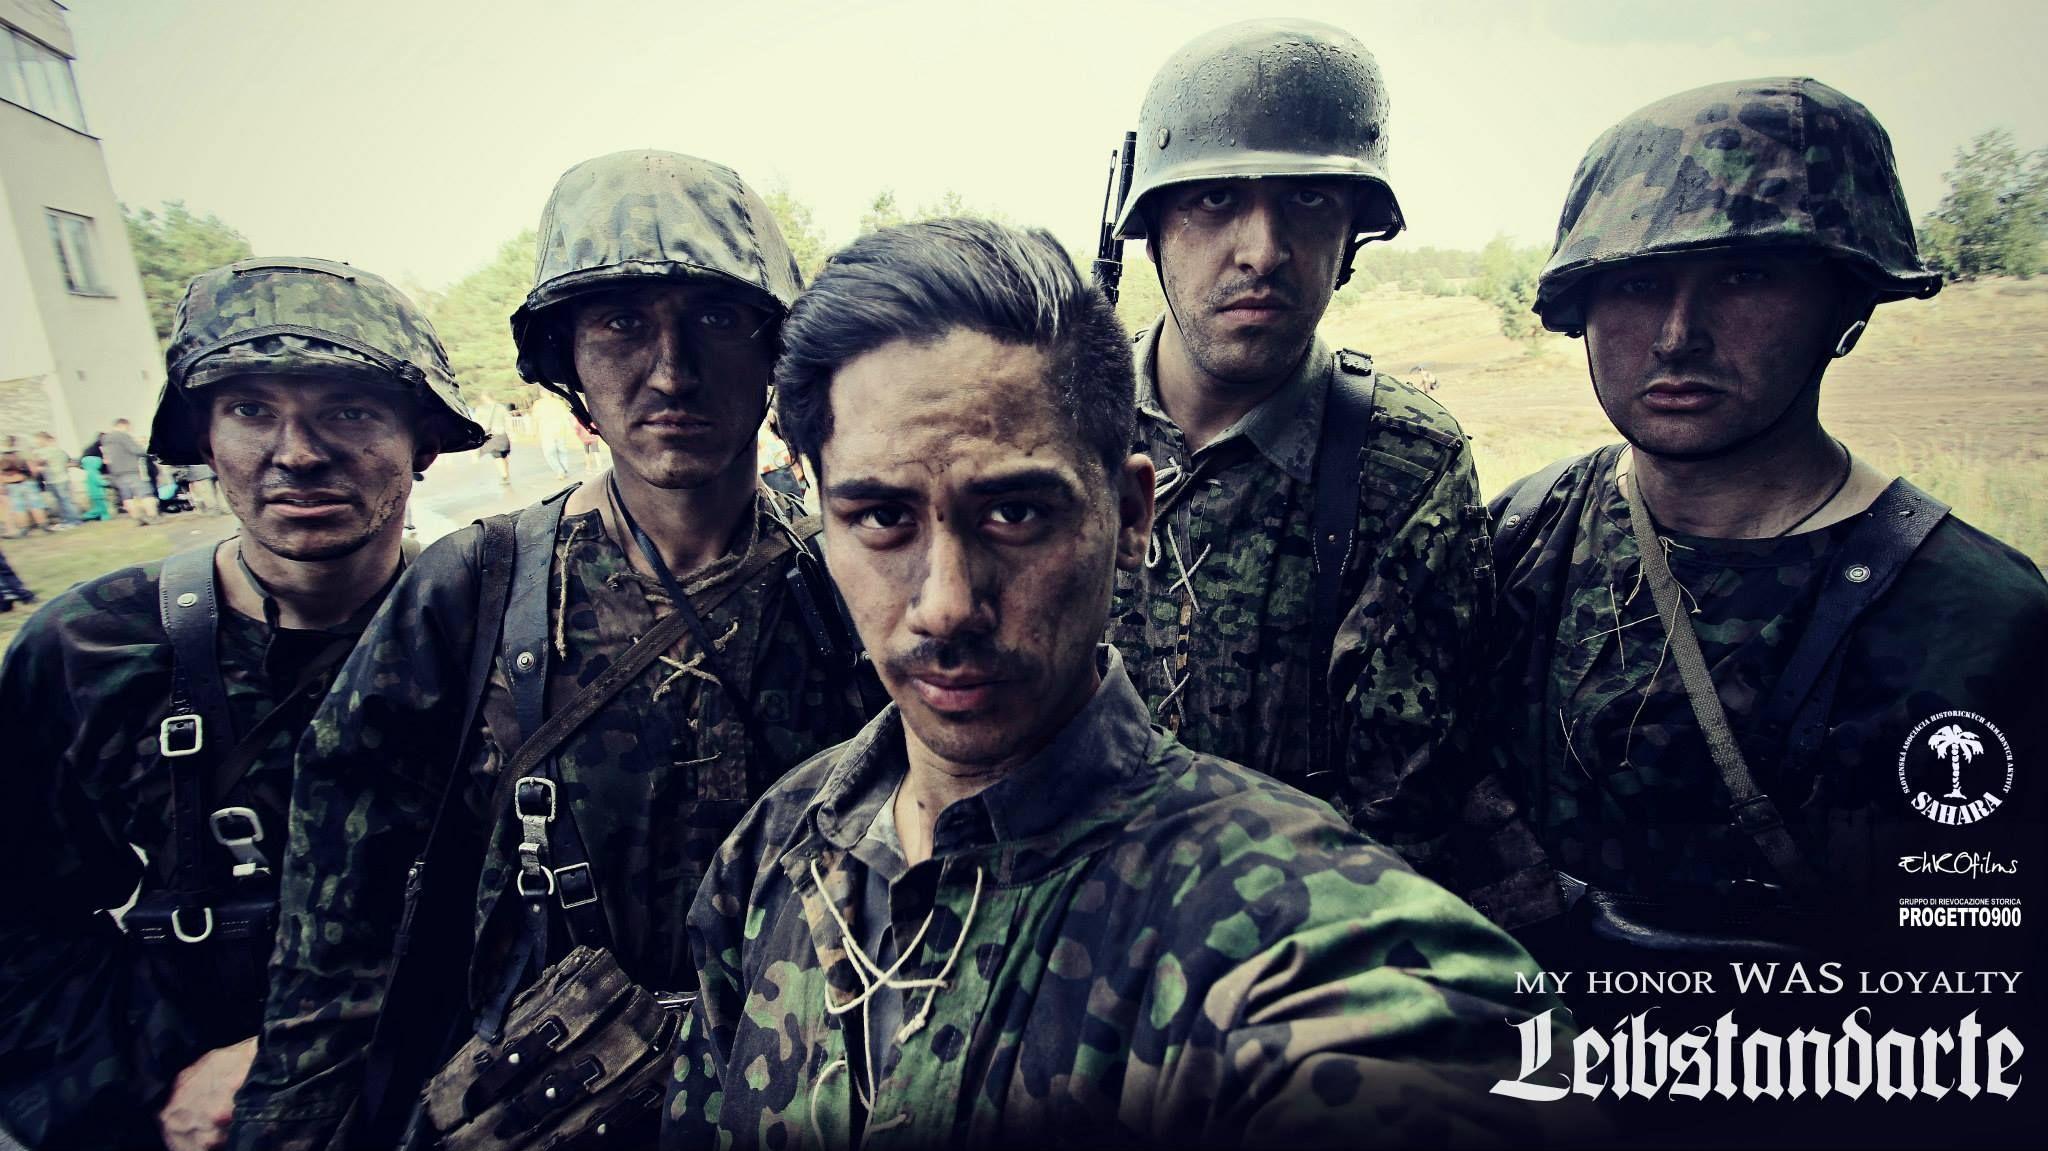 """Intervista ad Alessandro Pepe, regista di """"My honor was loyalty"""", film che narra la Seconda guerra mondiale dalla prospettiva delle Waffen-SS."""